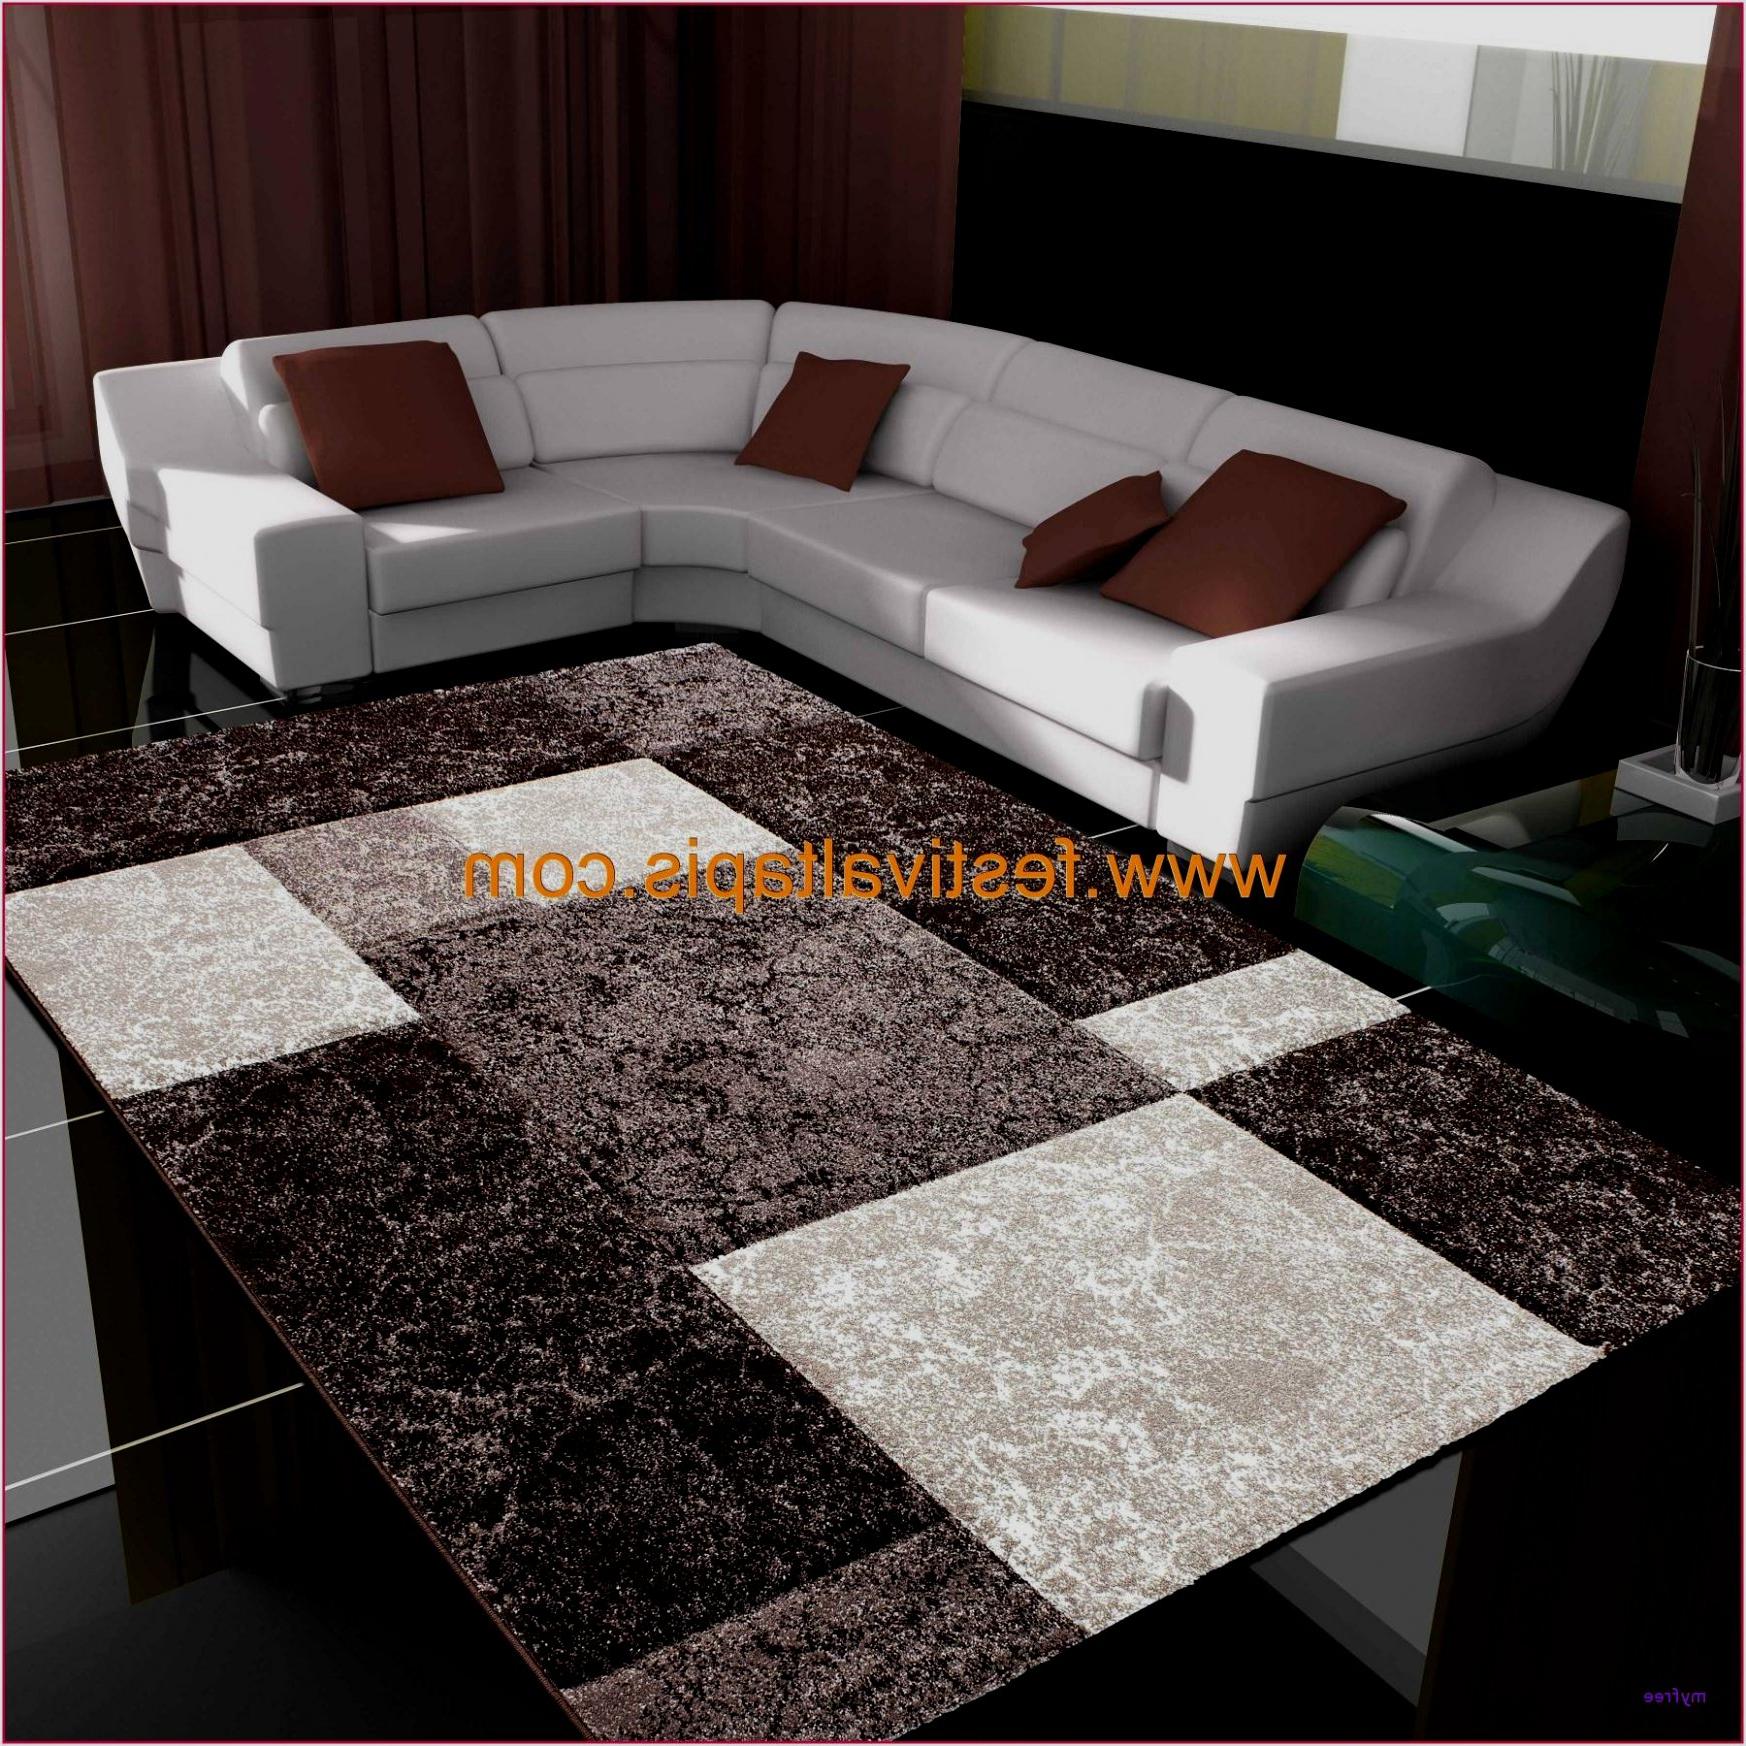 Muebles Castellon Baratos 3id6 Muebles La Fabrica Castellon Bonito El Adecuado Fotos Muebles Para